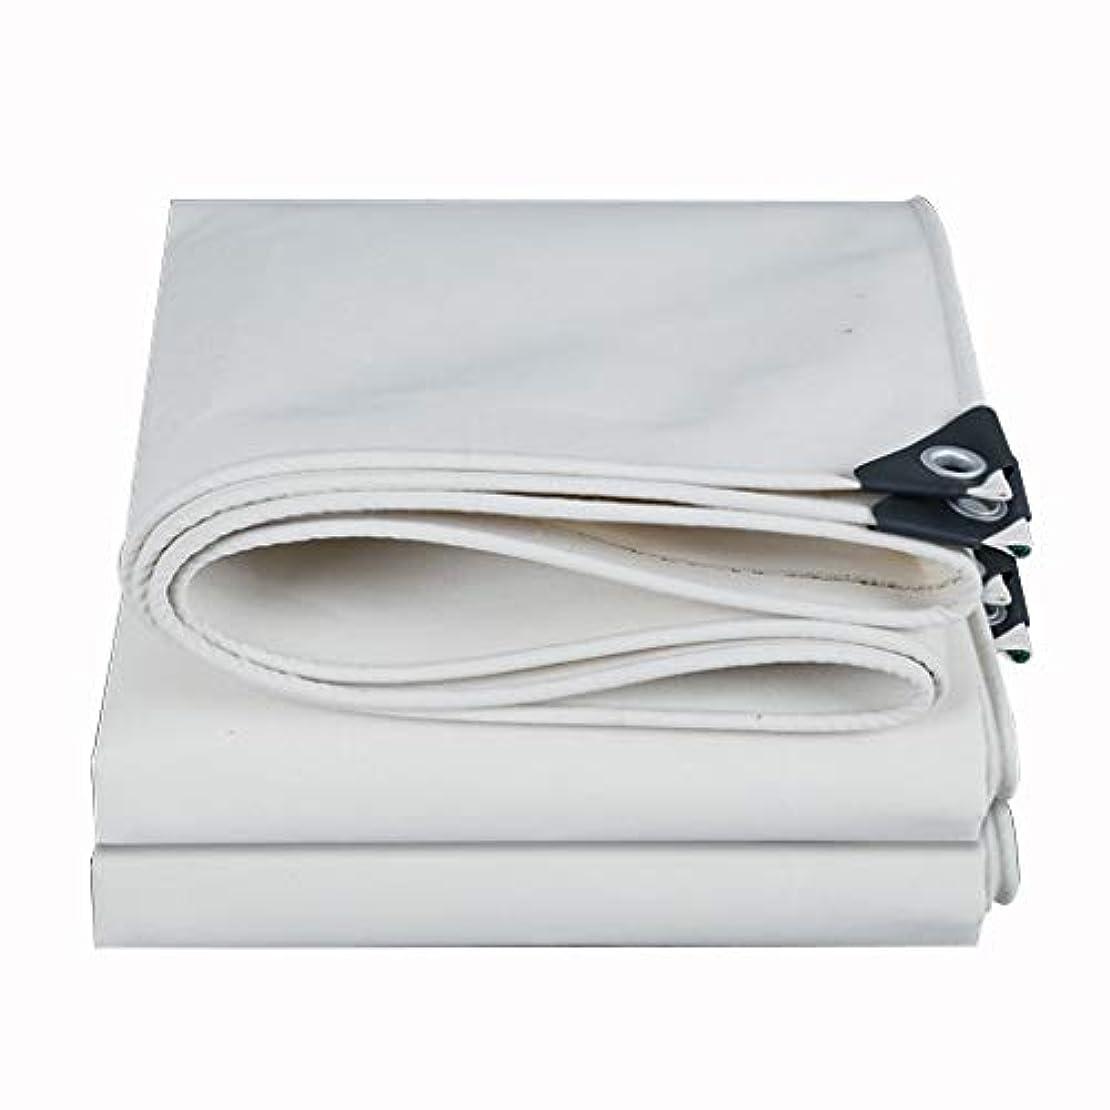 後方に高潔な返済アウトドア ターポリンホワイトキャンバスレインサンスクリーン厚手暖かい服装アンチエイジングターポリンアウトドアオーニングクロスカートラックターポリン/高品質 テント (Color : 白, Size : 400*500cm)